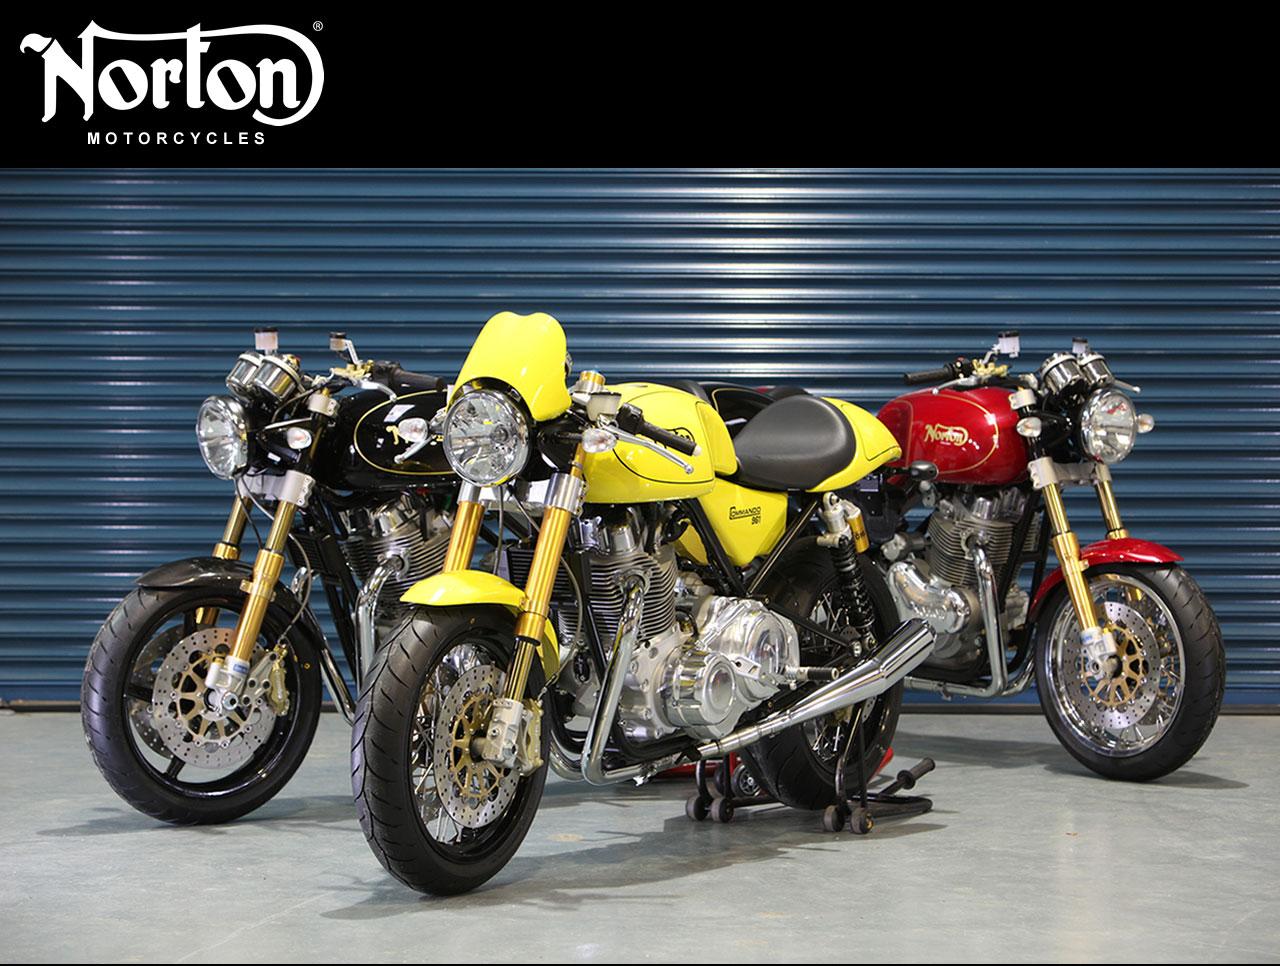 Best Motorcycle: 2010 Norton Commando 961 SE